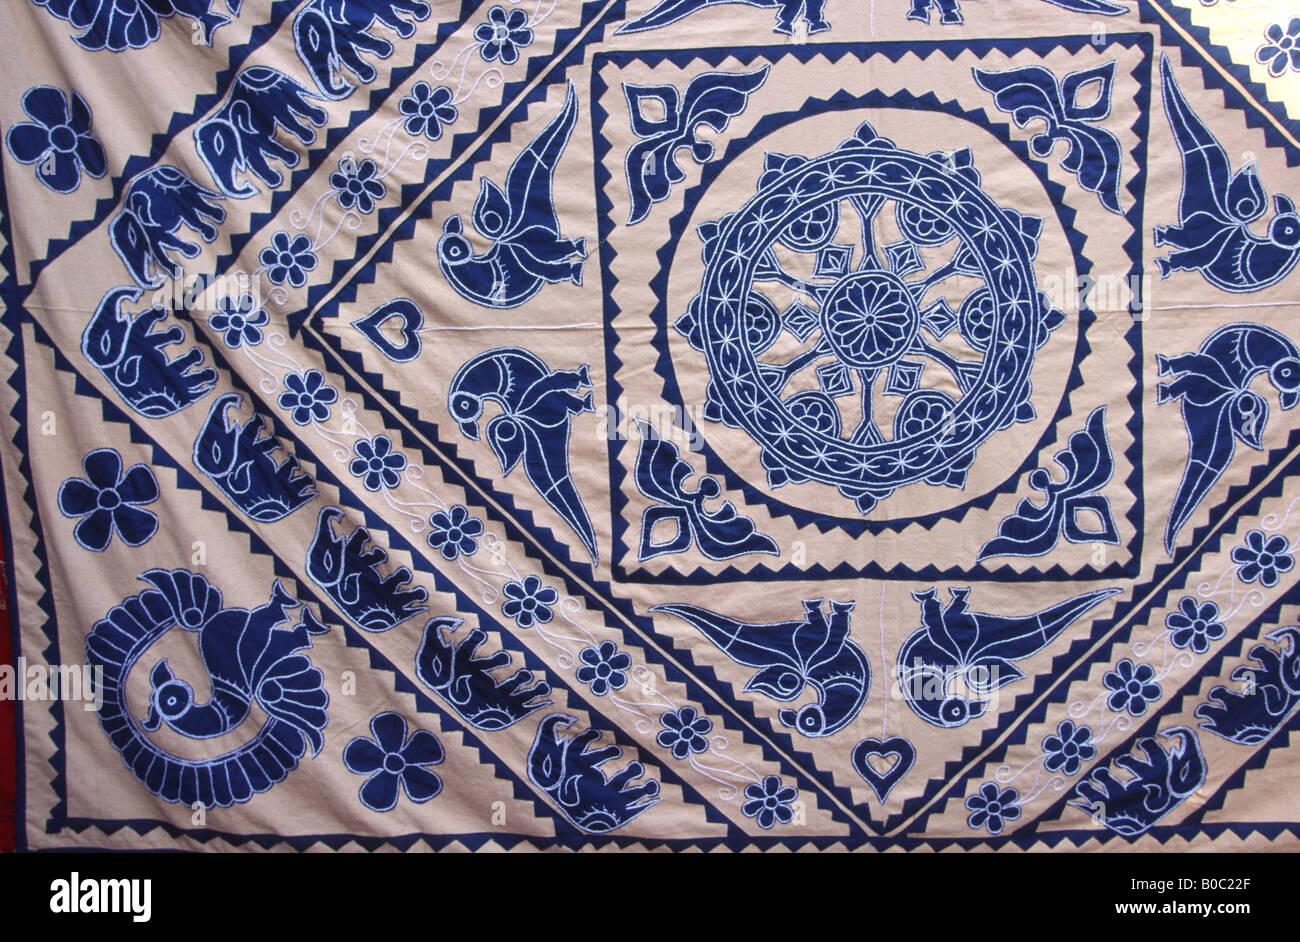 Raghav handicrafts